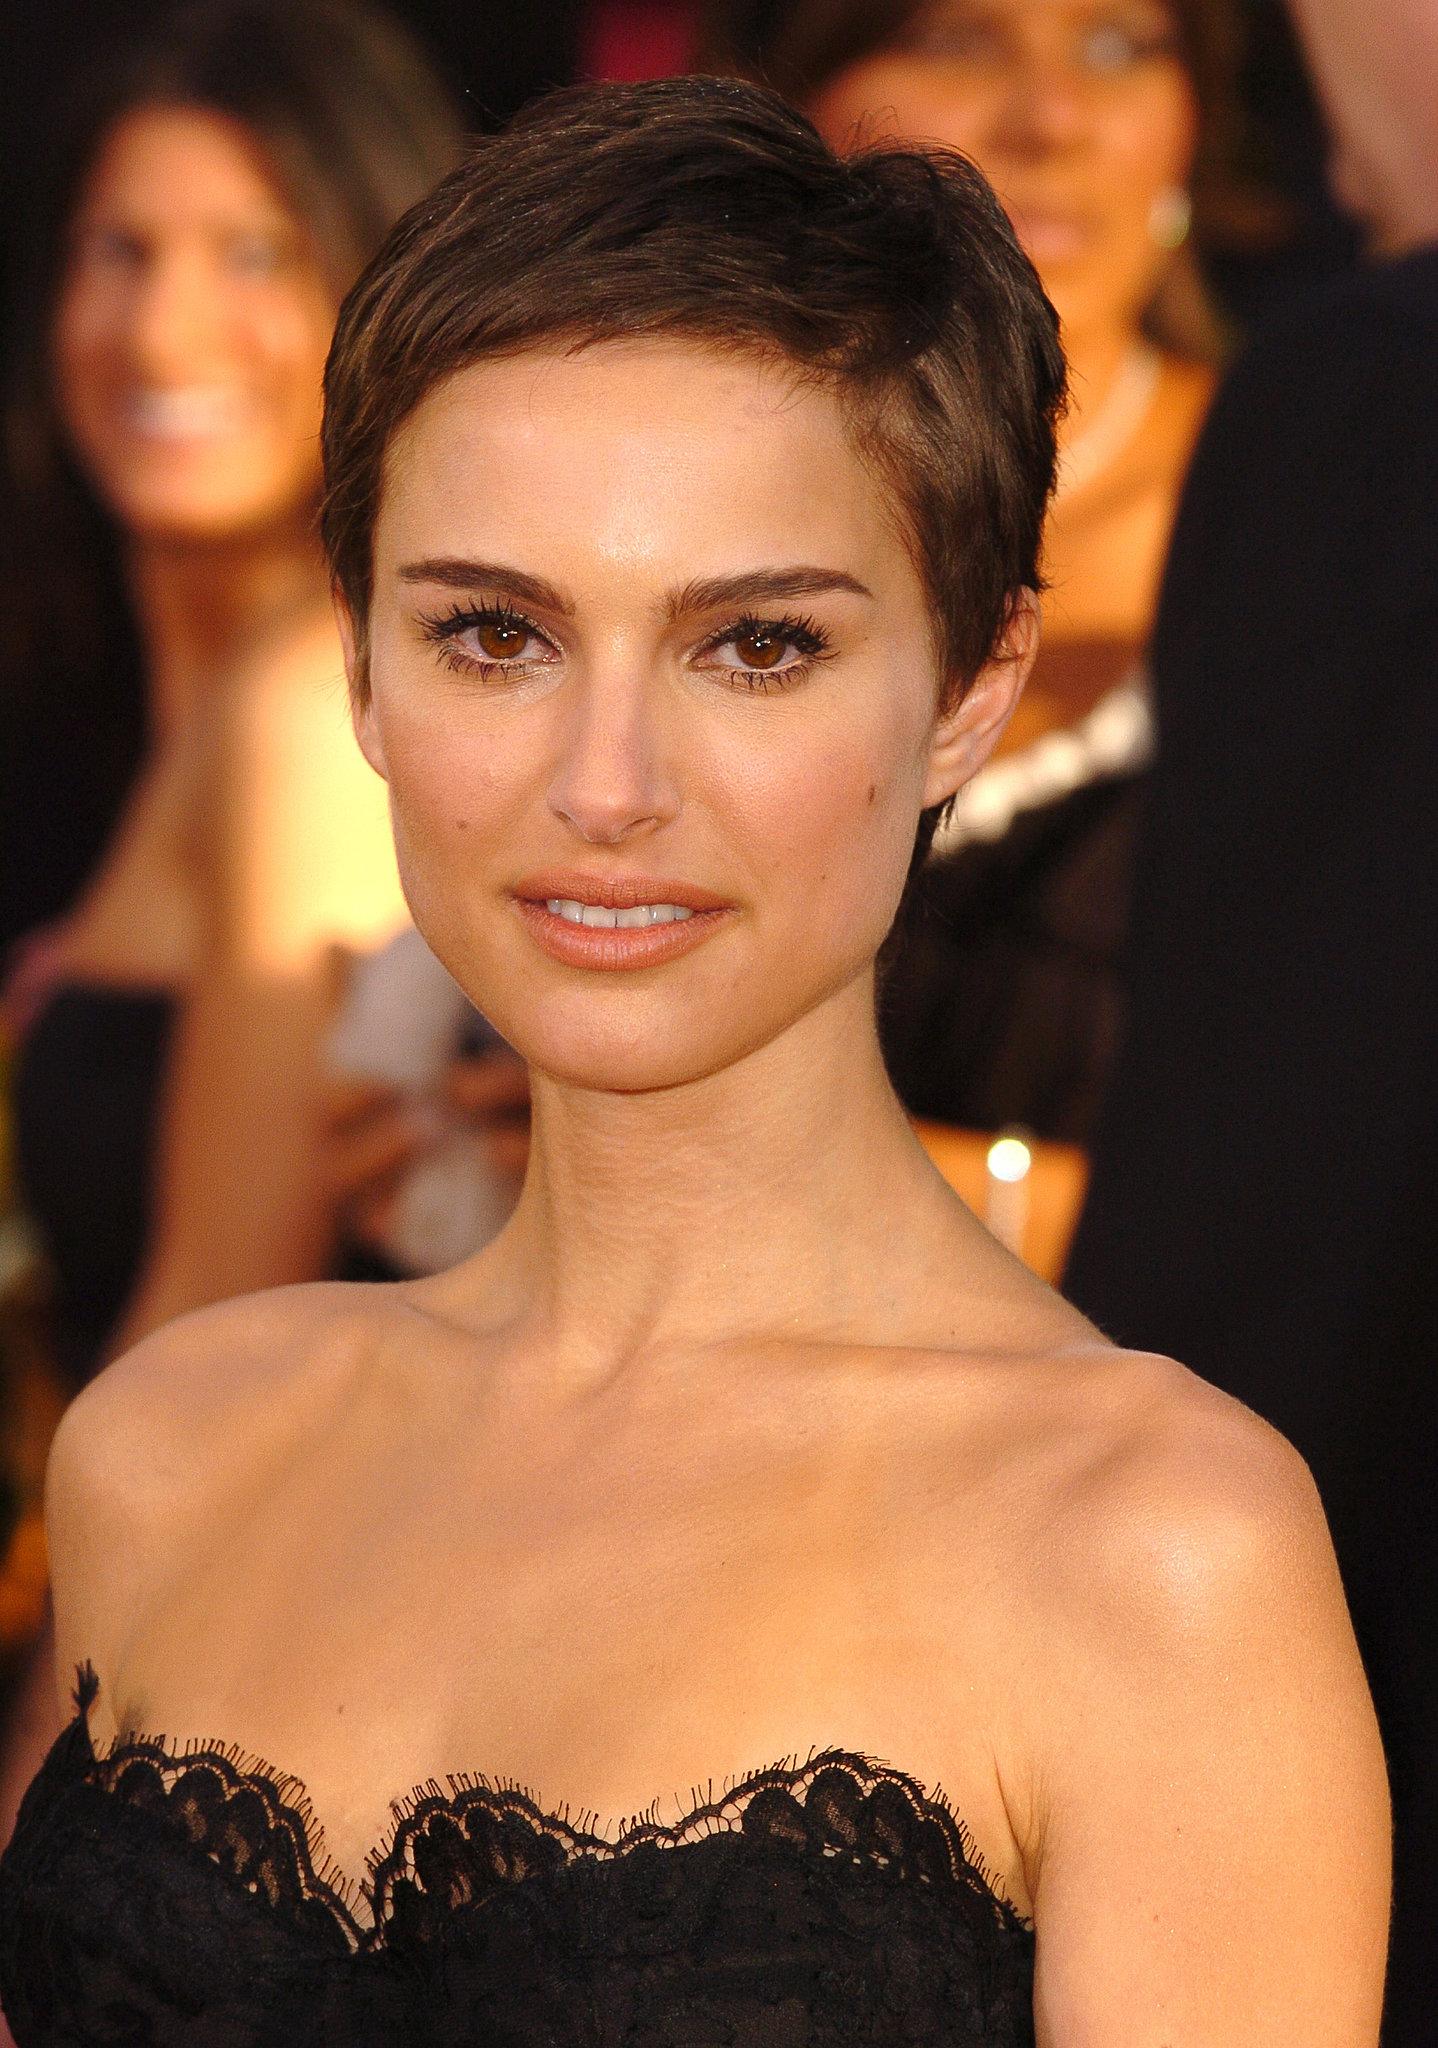 Natalie Portman 2006